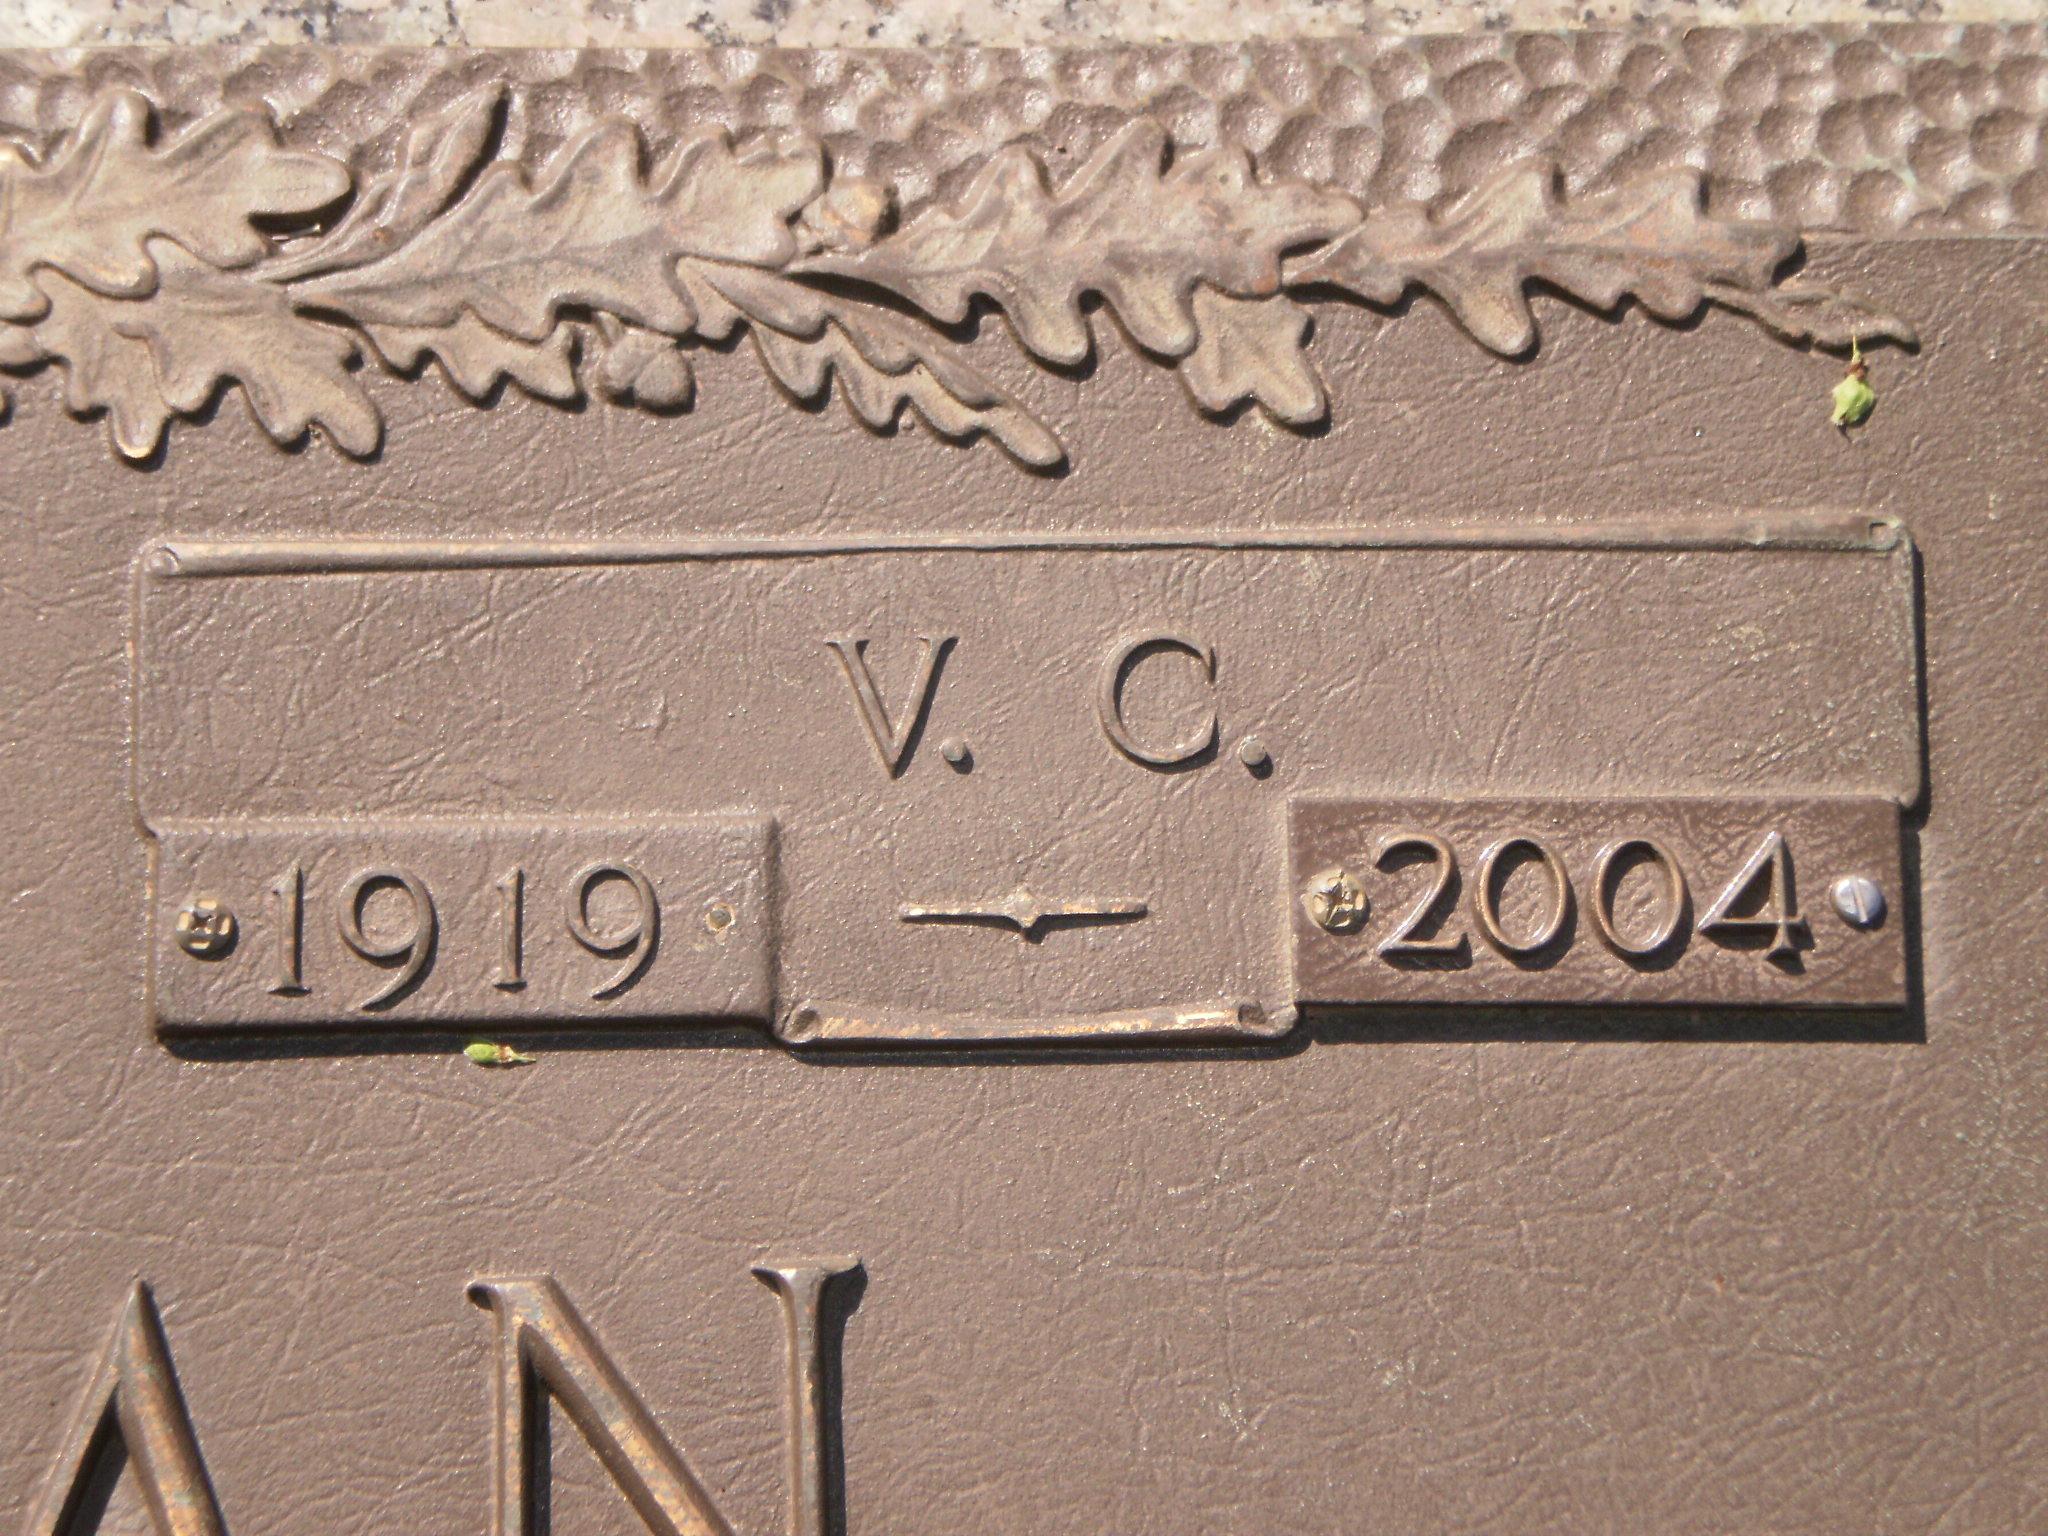 V. C. Holleman (1919-2004) - Find A Grave Memorial